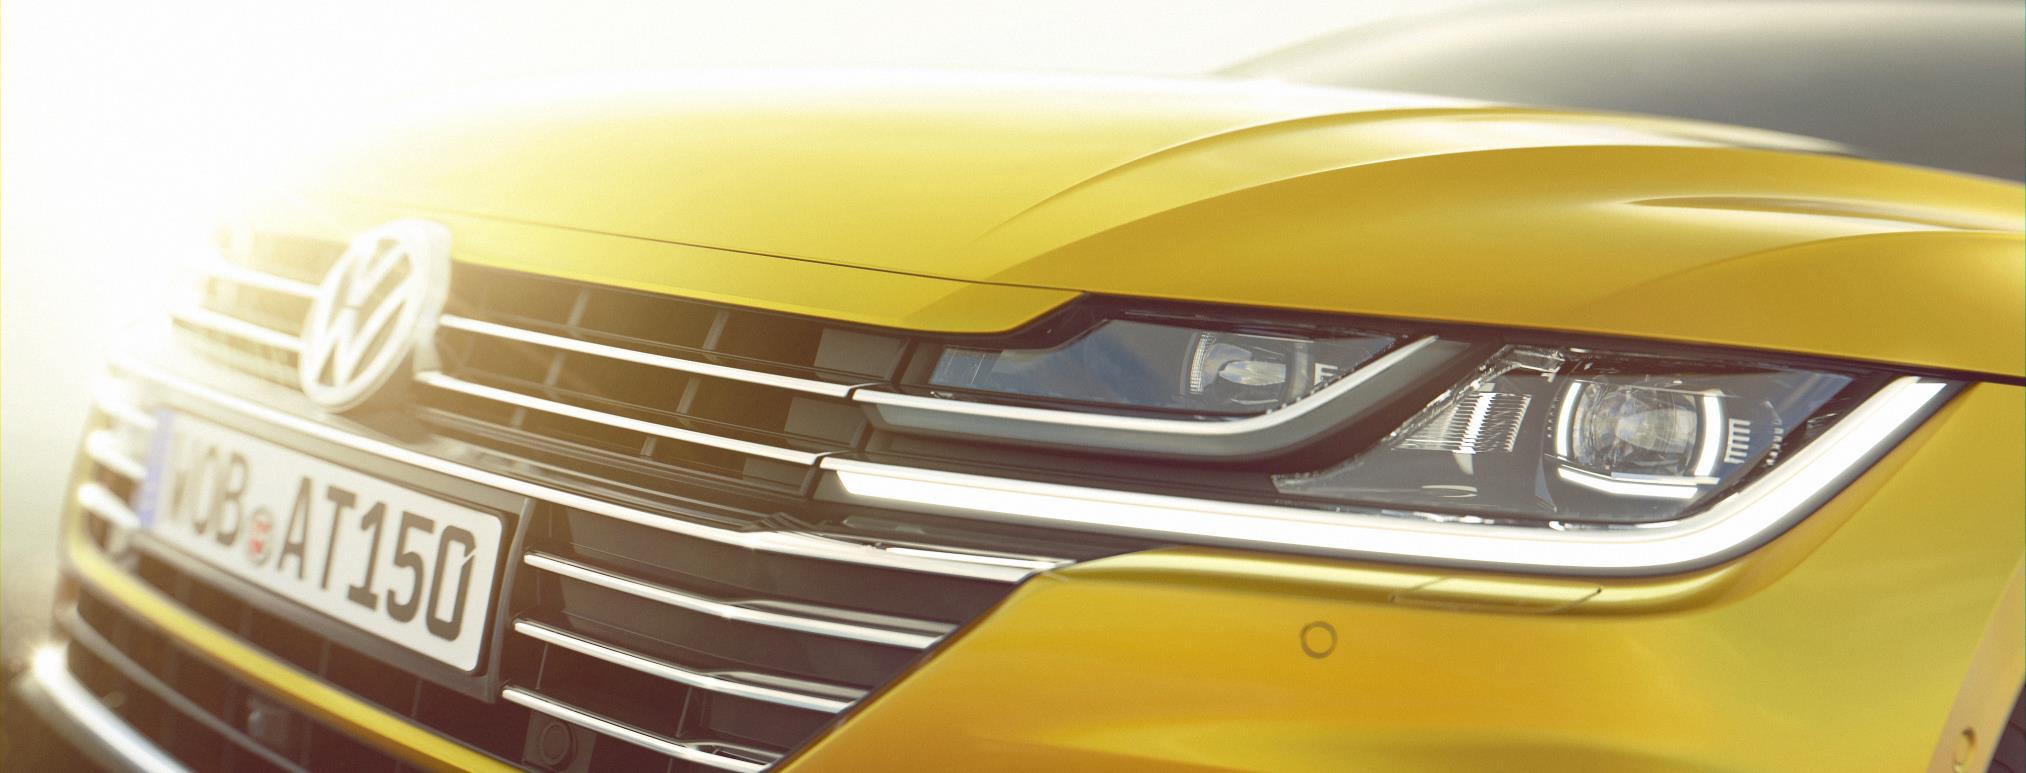 Volkswagen Arteon previewed as new Passat CC